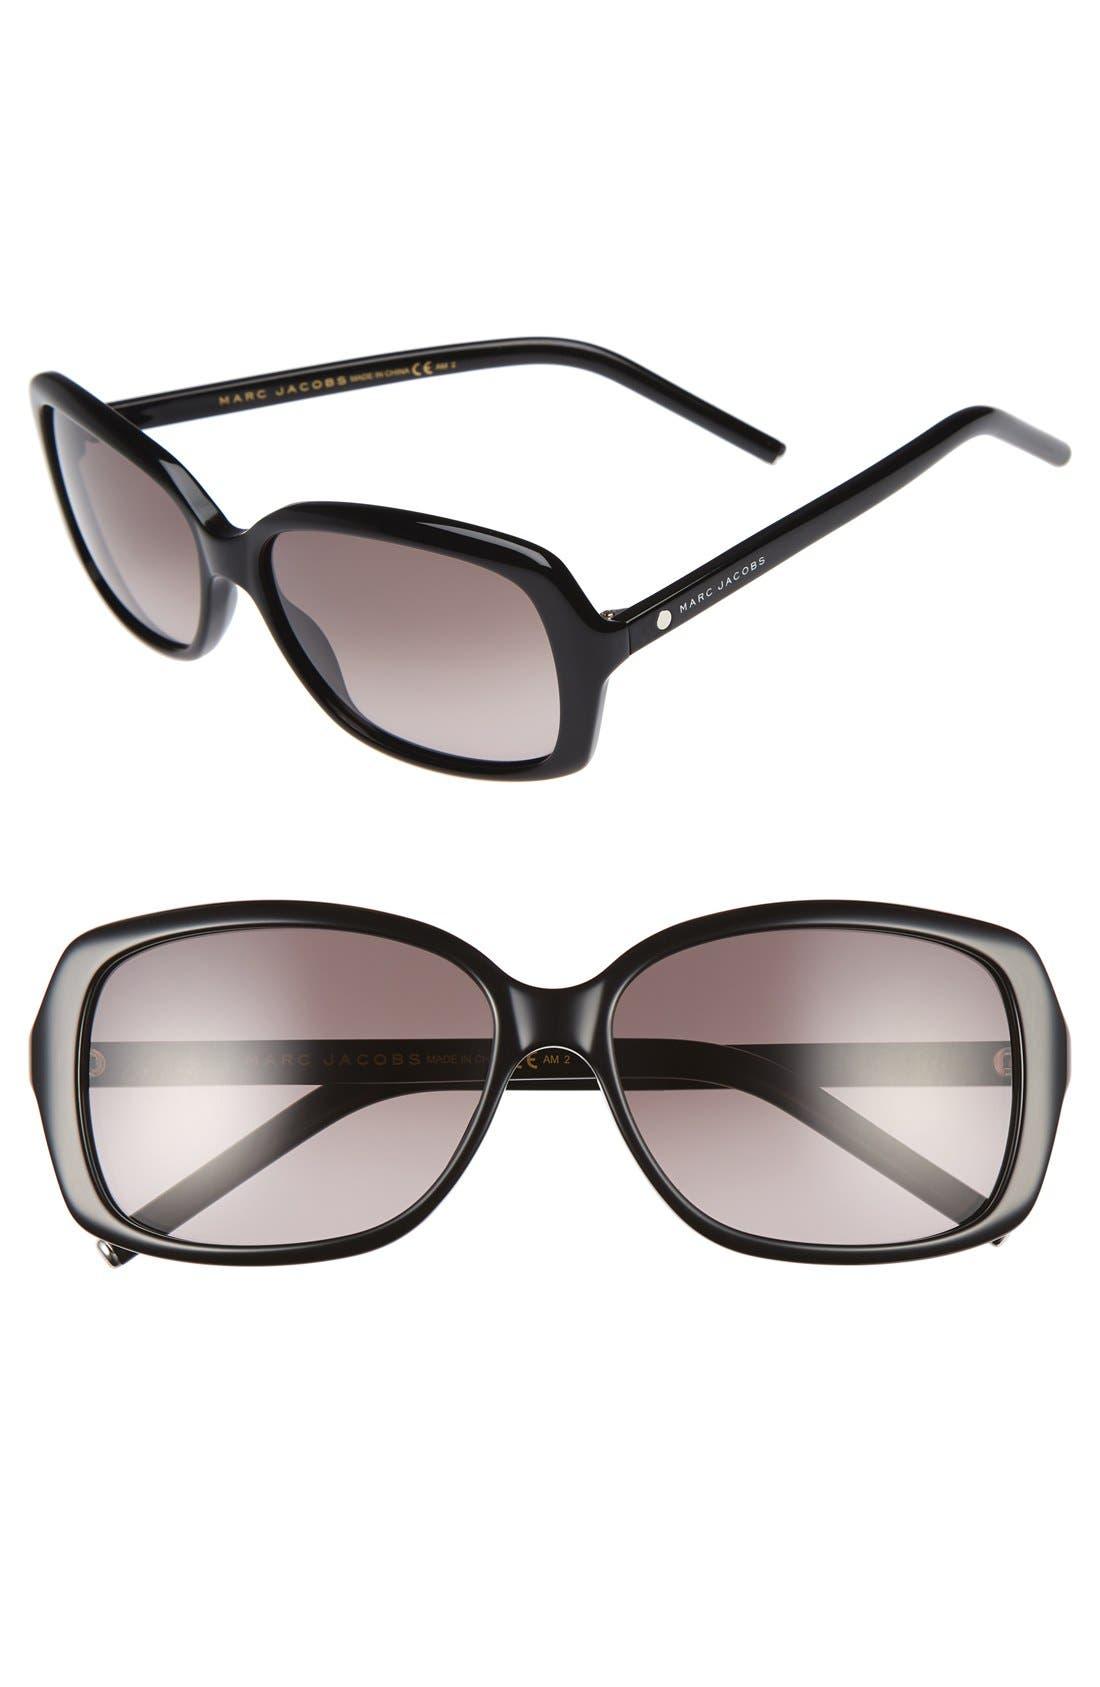 MARC JACOBS 57mm Sunglasses,                         Main,                         color, 002